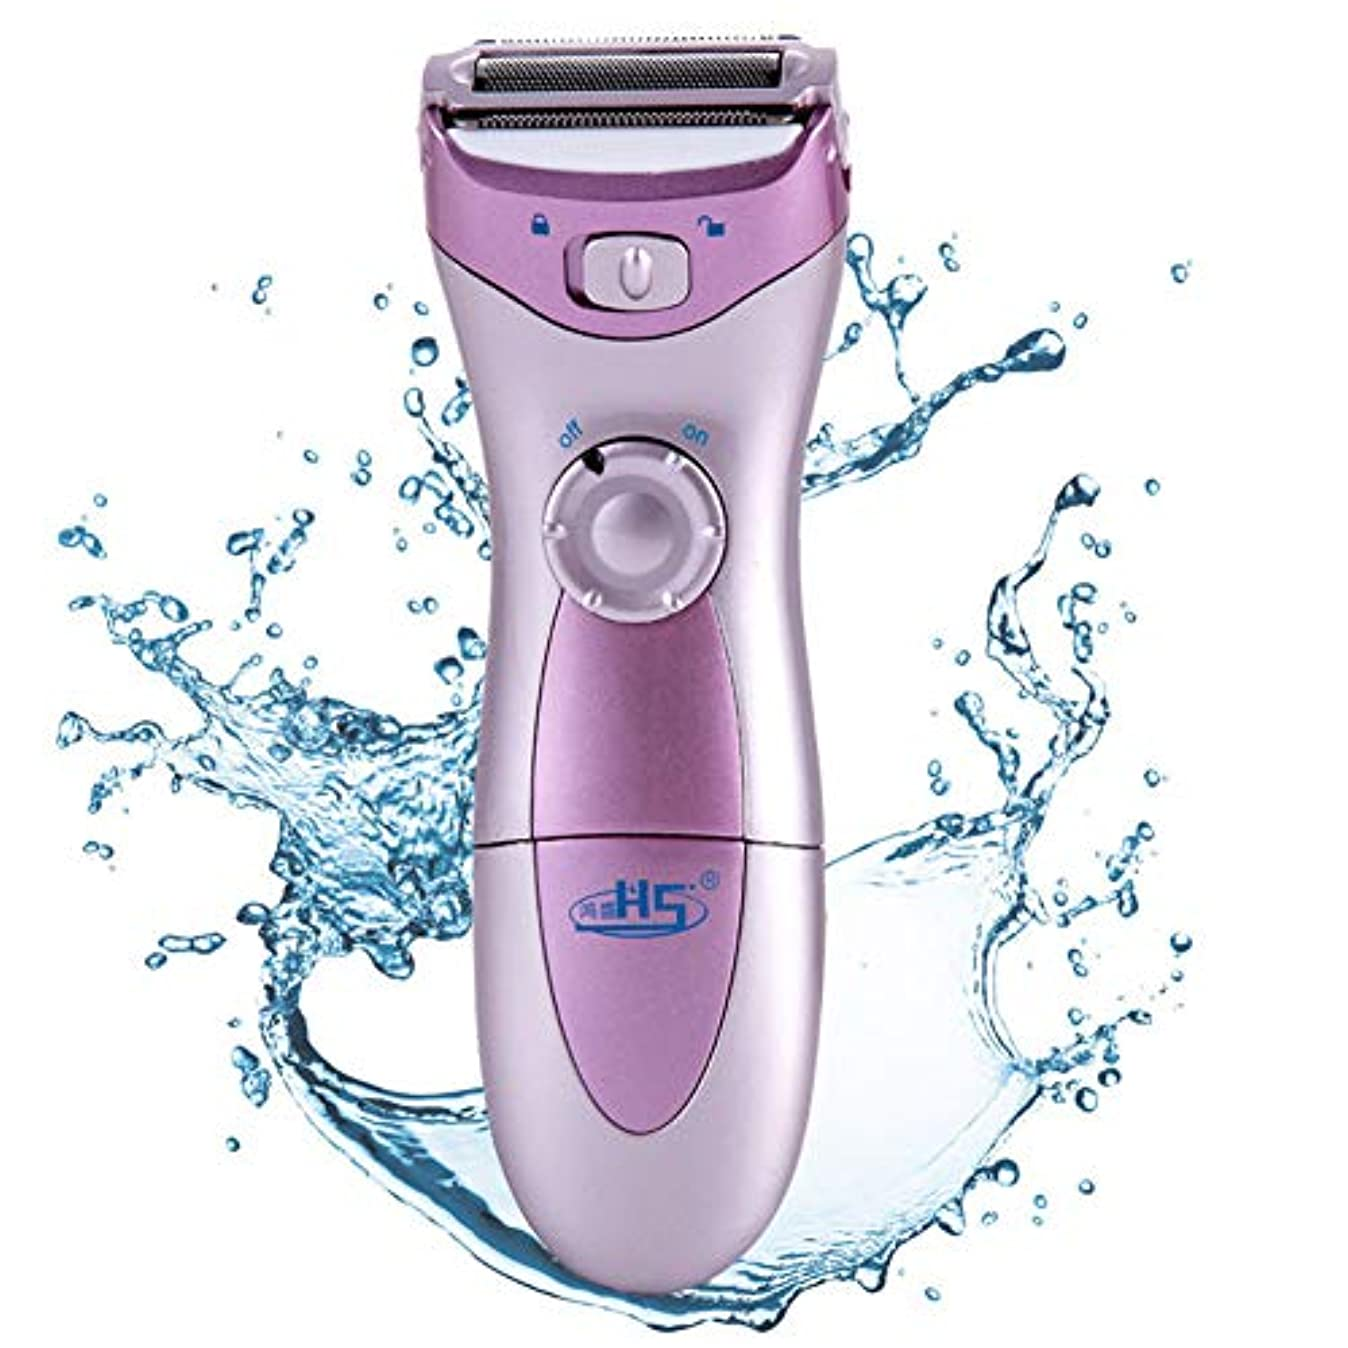 異形フェリー効率女性の電気かみそりの腕および腕のための乾湿両方の毛の取り外しのビキニのトリマー